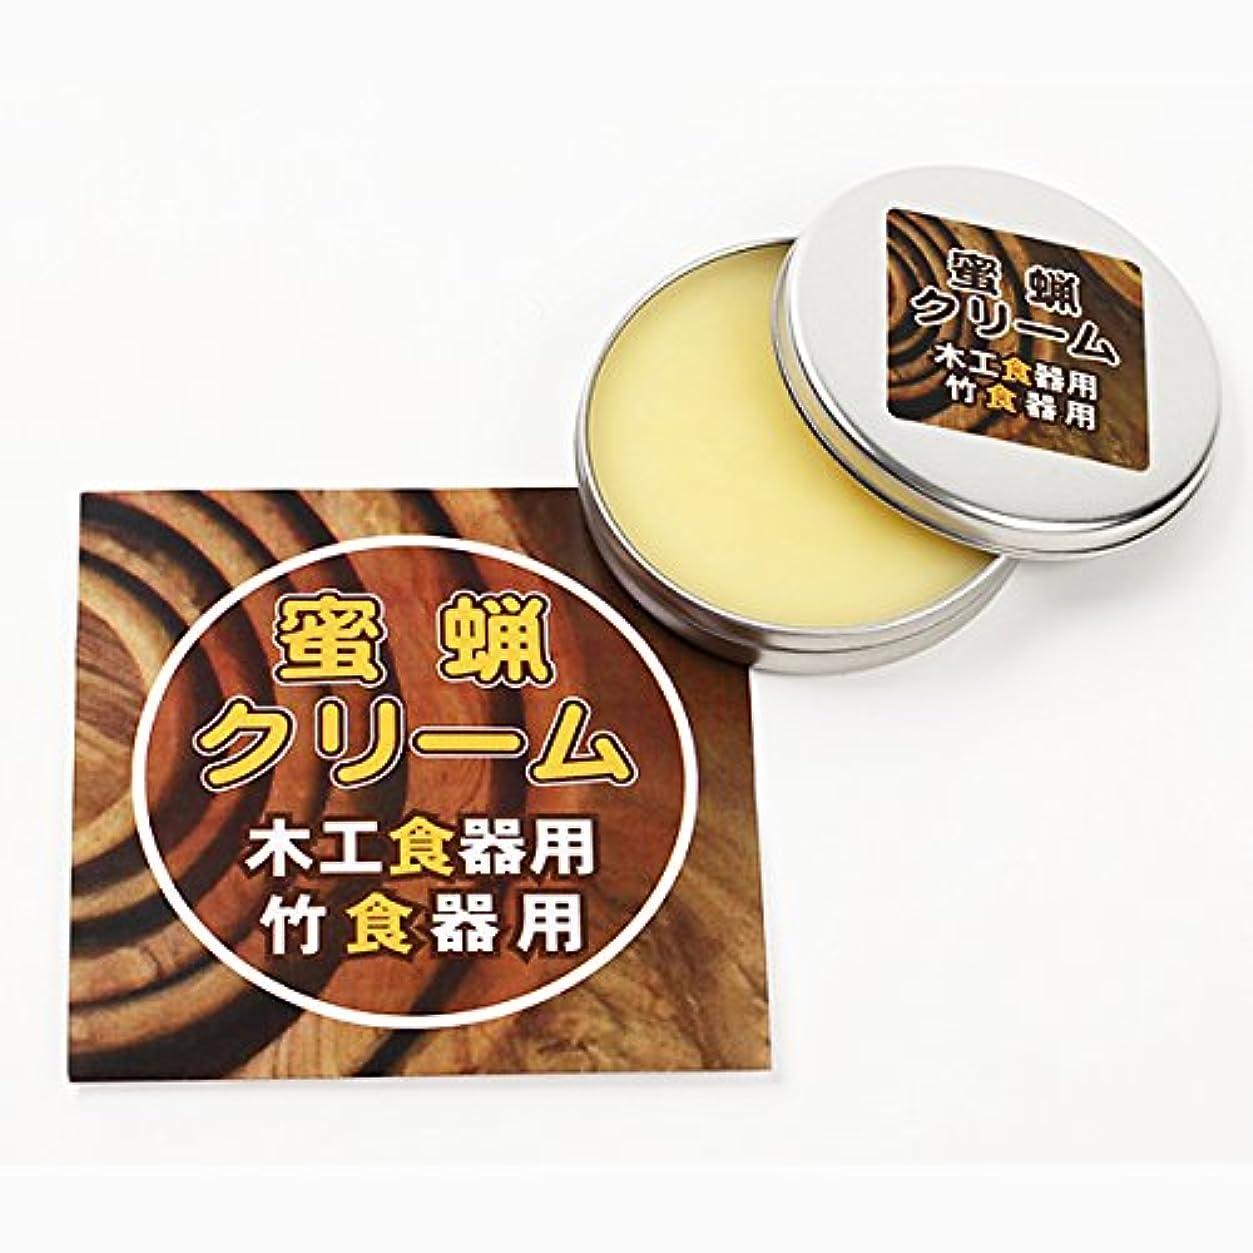 本収束取り替える蜜蝋クリーム 木工食器?竹食器用 (みつろうくりーむ?蜜蝋ワックス) 40g